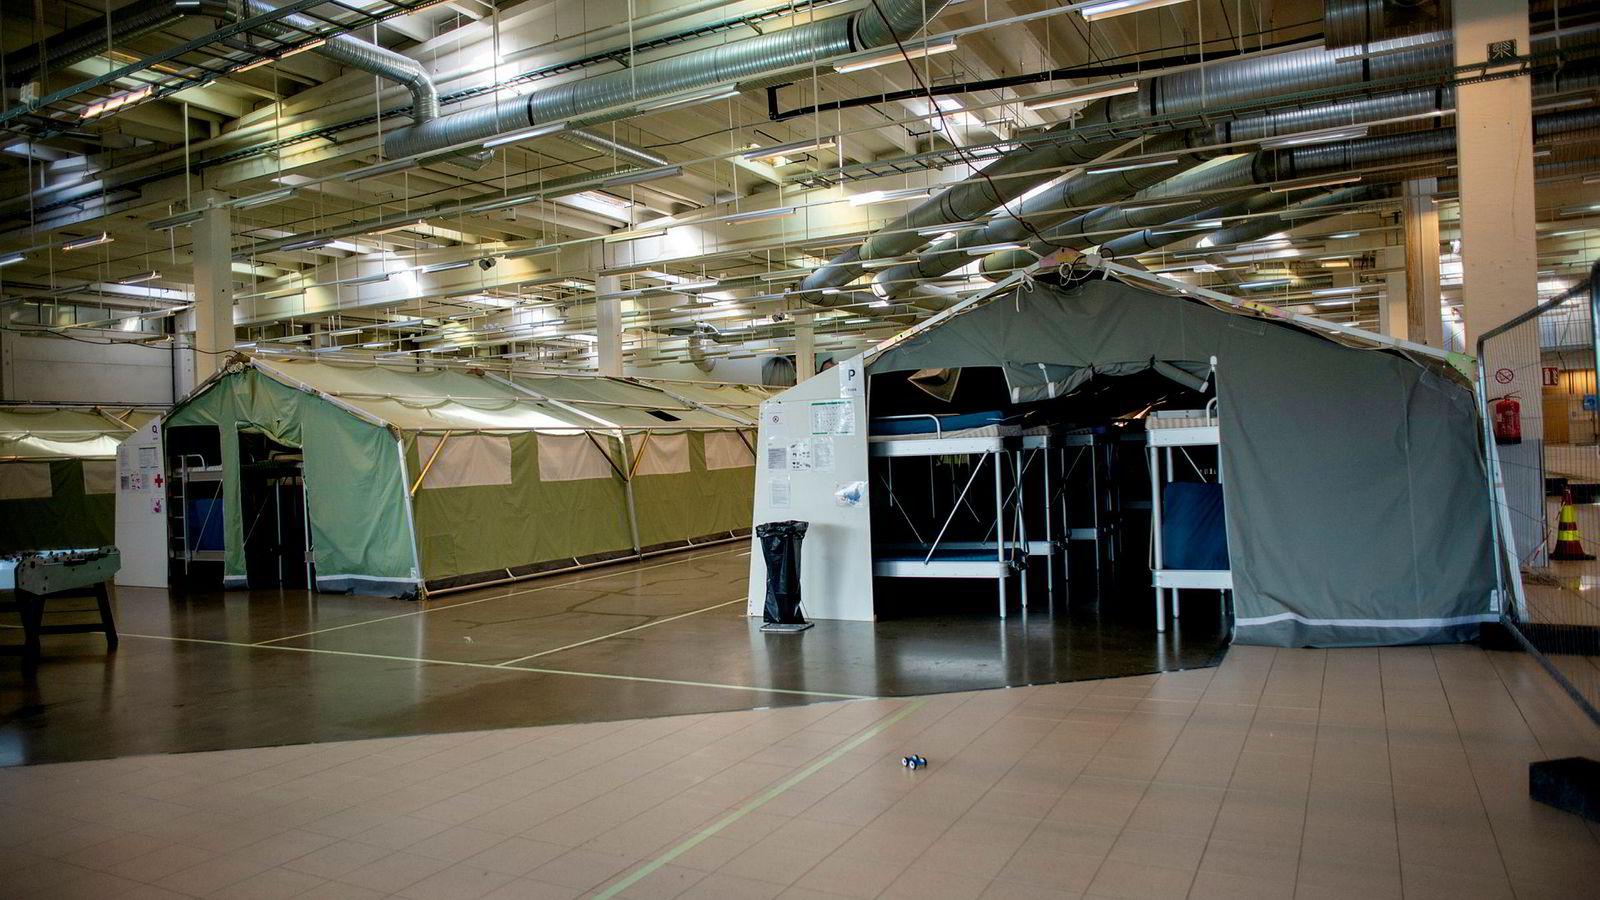 Ankomstsenter Østfold er lokalisert i de gamle butikklokalene til Smart Club i Råde kommune i Østfold, og er i ferd med å bli satt i stand til å bli mye mer enn et første oppholdssted for asylsøkere, skriver artikkelforfatteren.